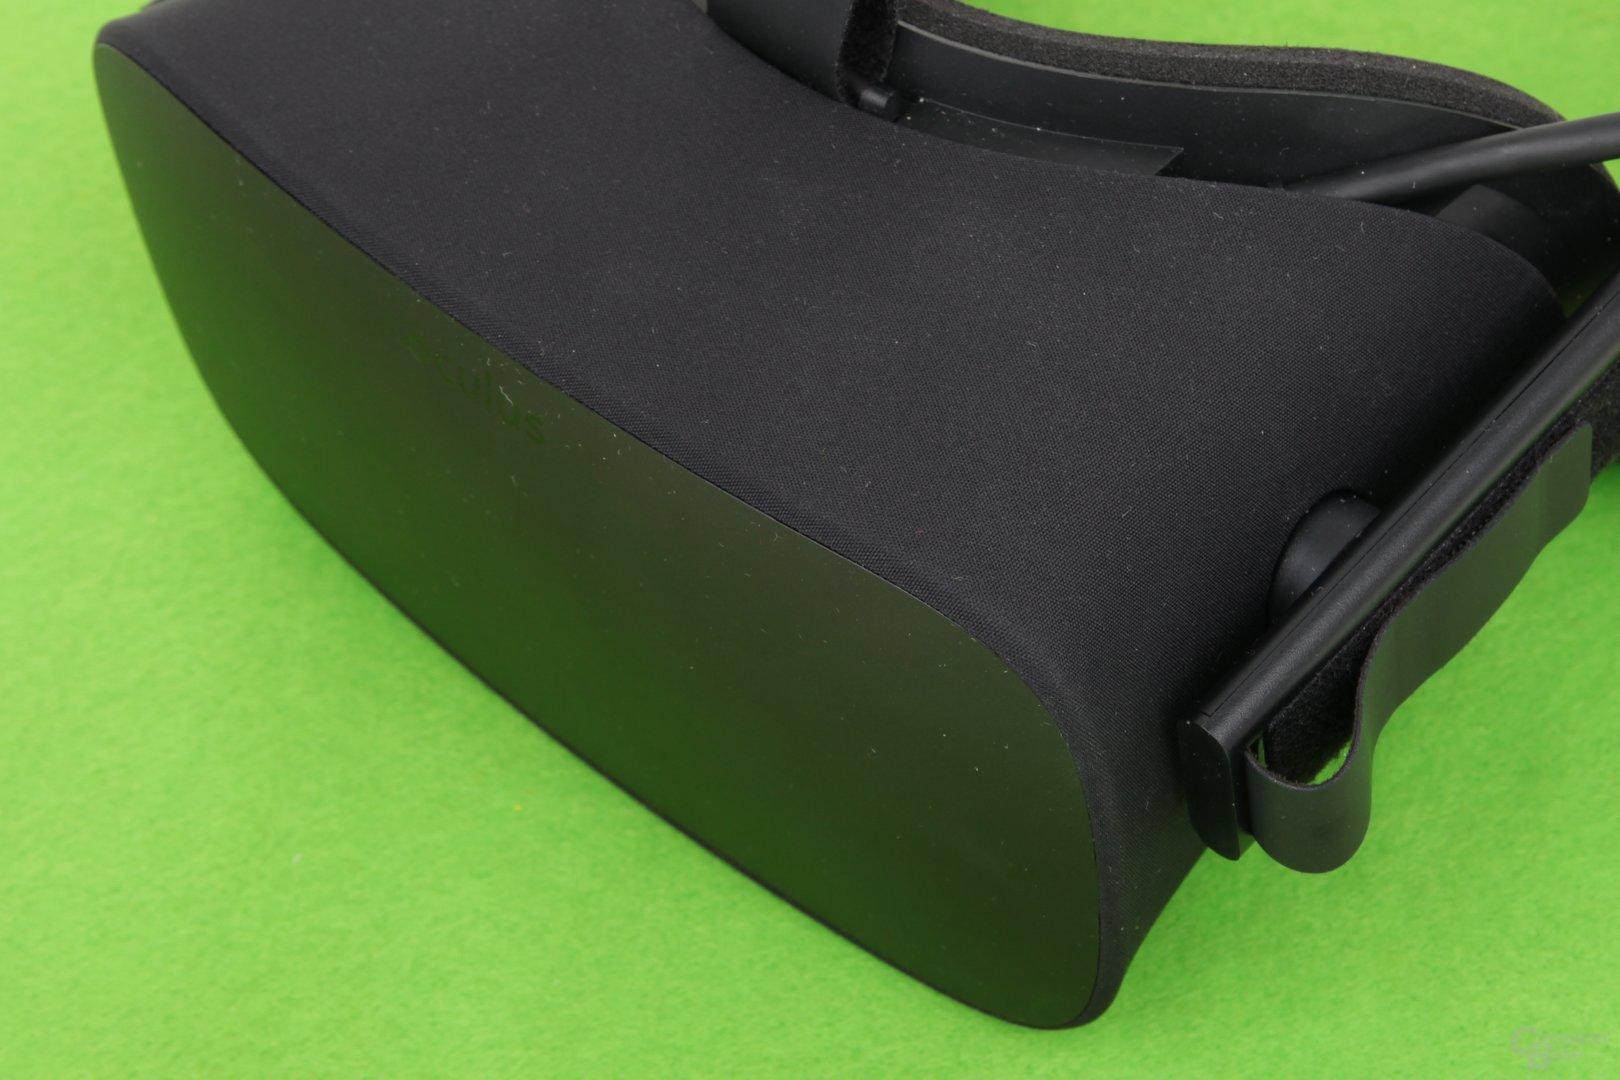 Die Oculus Rift ist mit Stoff bespannt